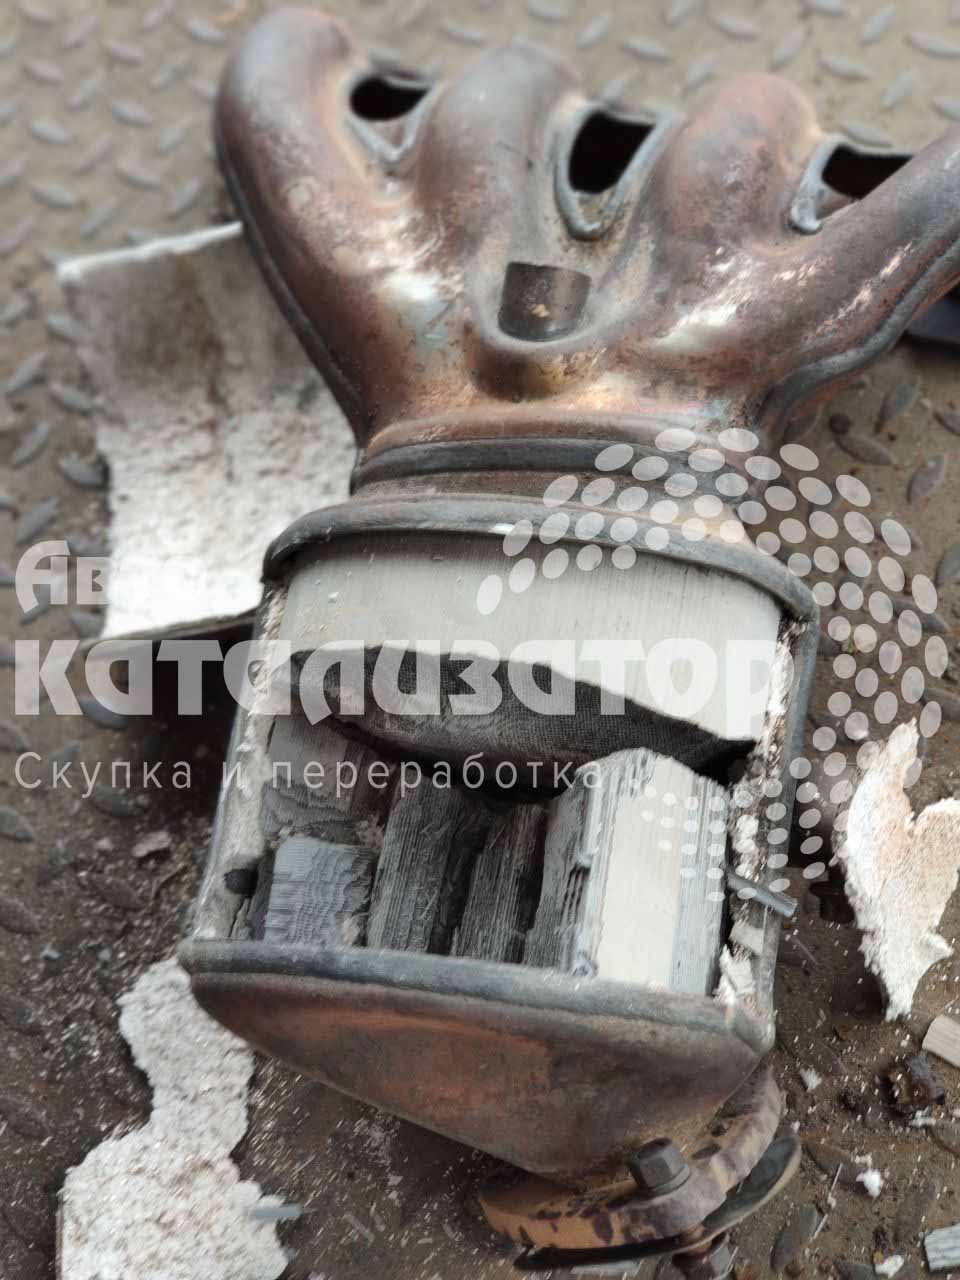 Керамический катализатор в железном корпусе